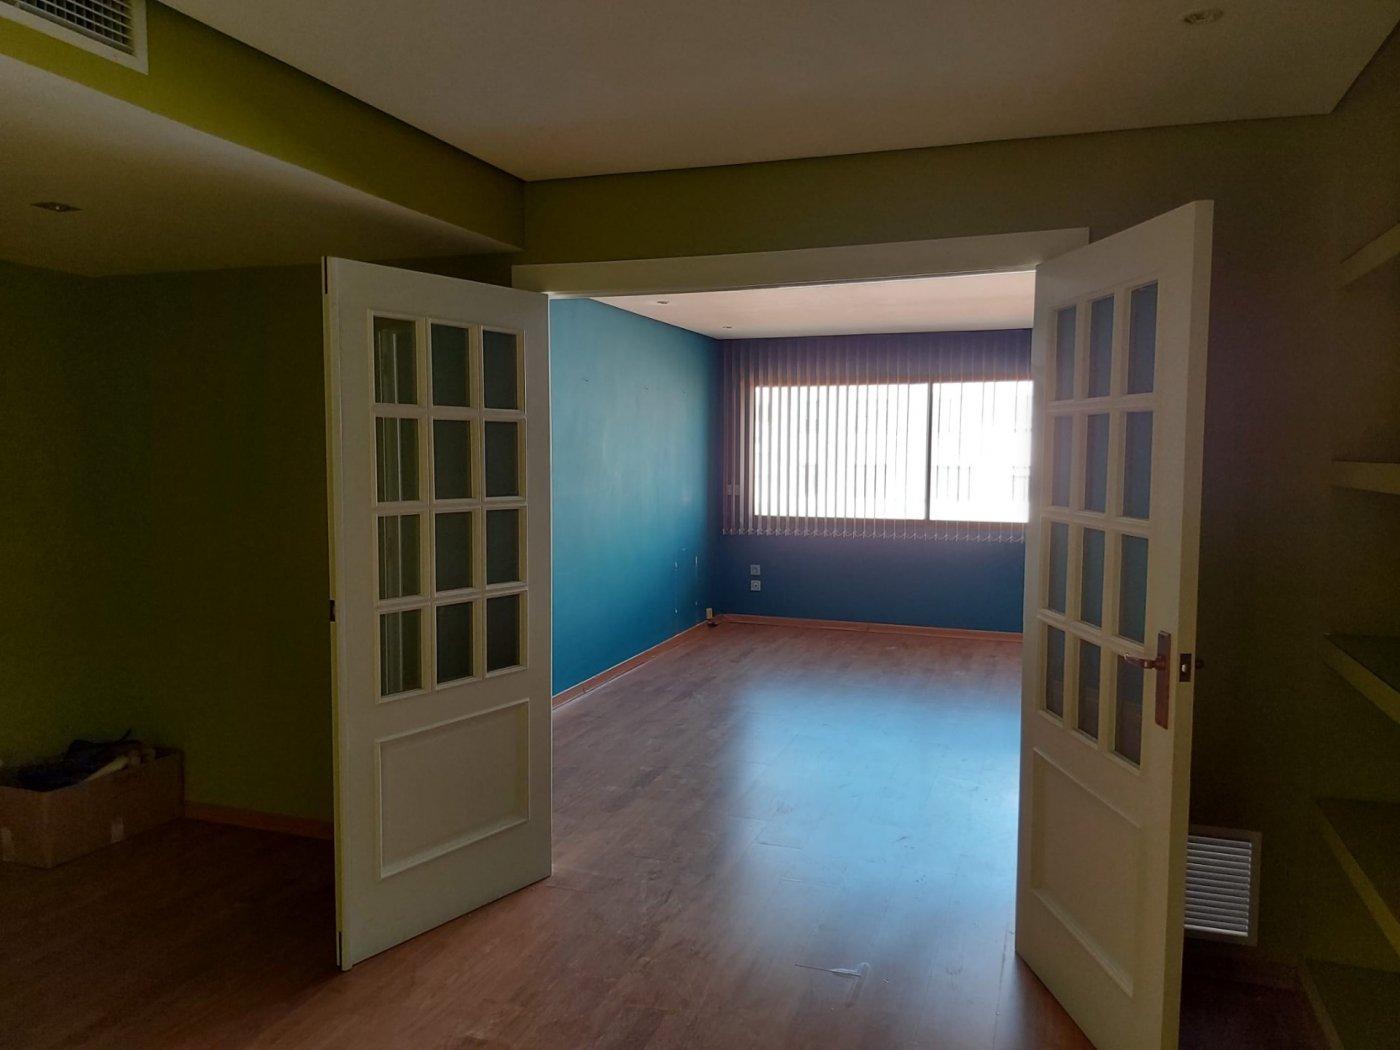 Oficina en venta o alquiler en el centro de alicante - imagenInmueble5